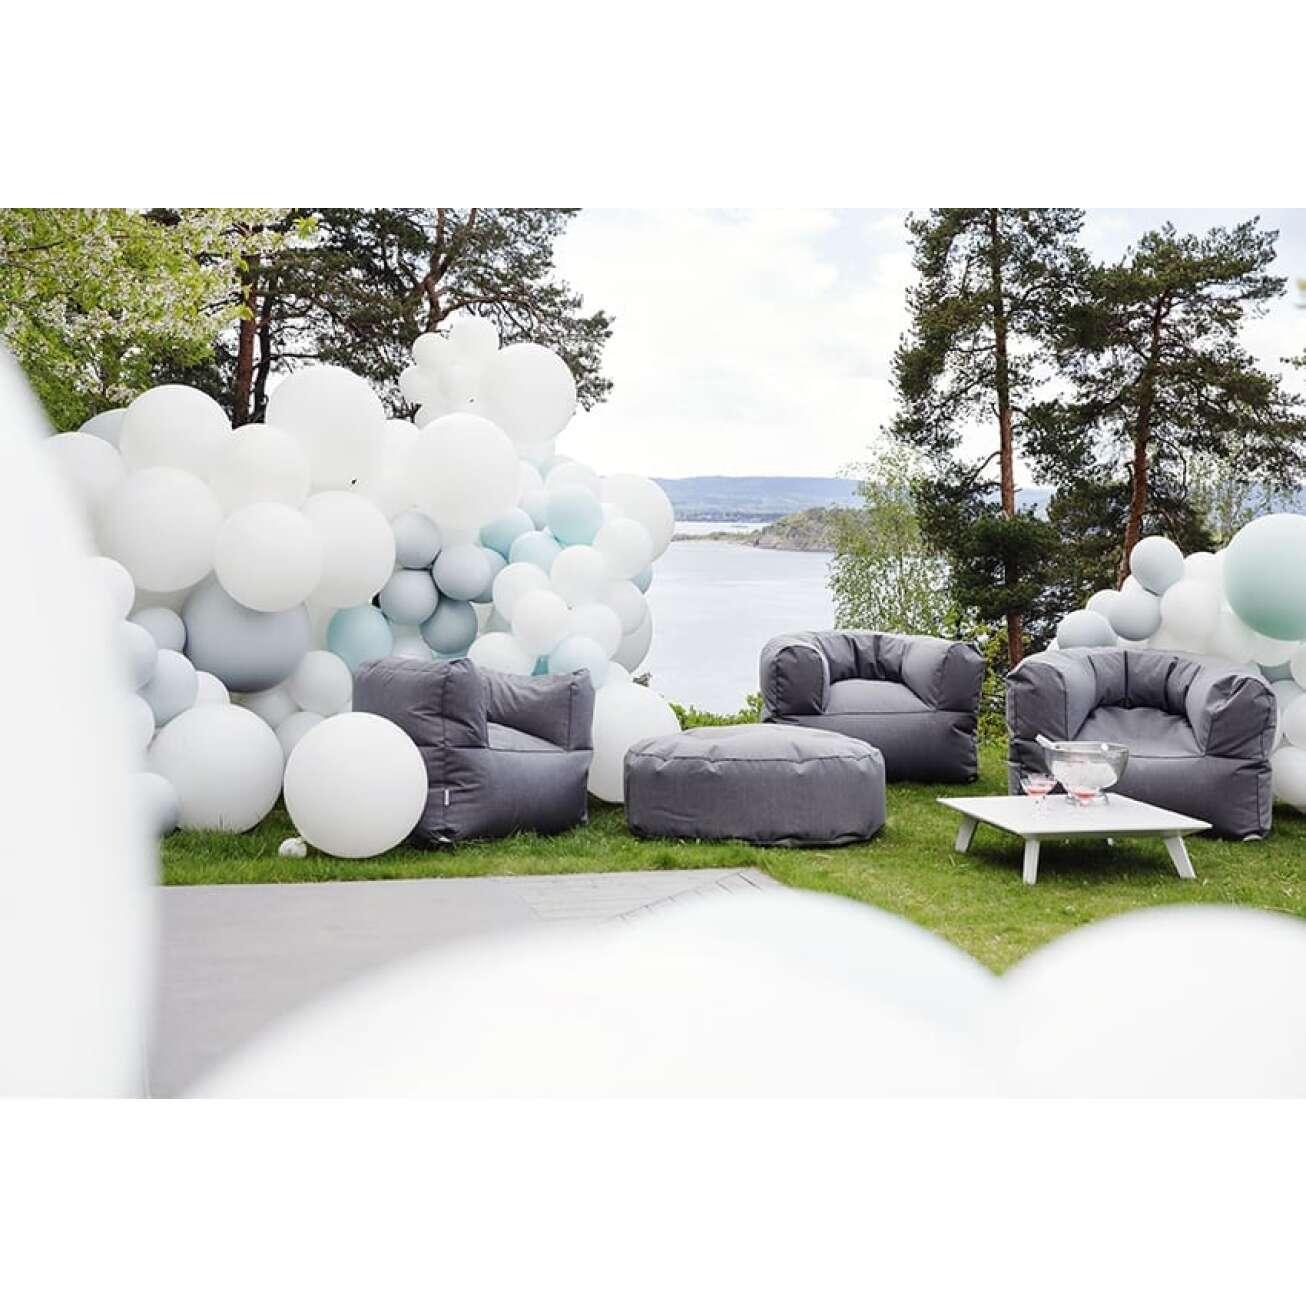 Arm strong stoler fra TRIMM Copenhagen med ballonger på uteplass ved sjøen